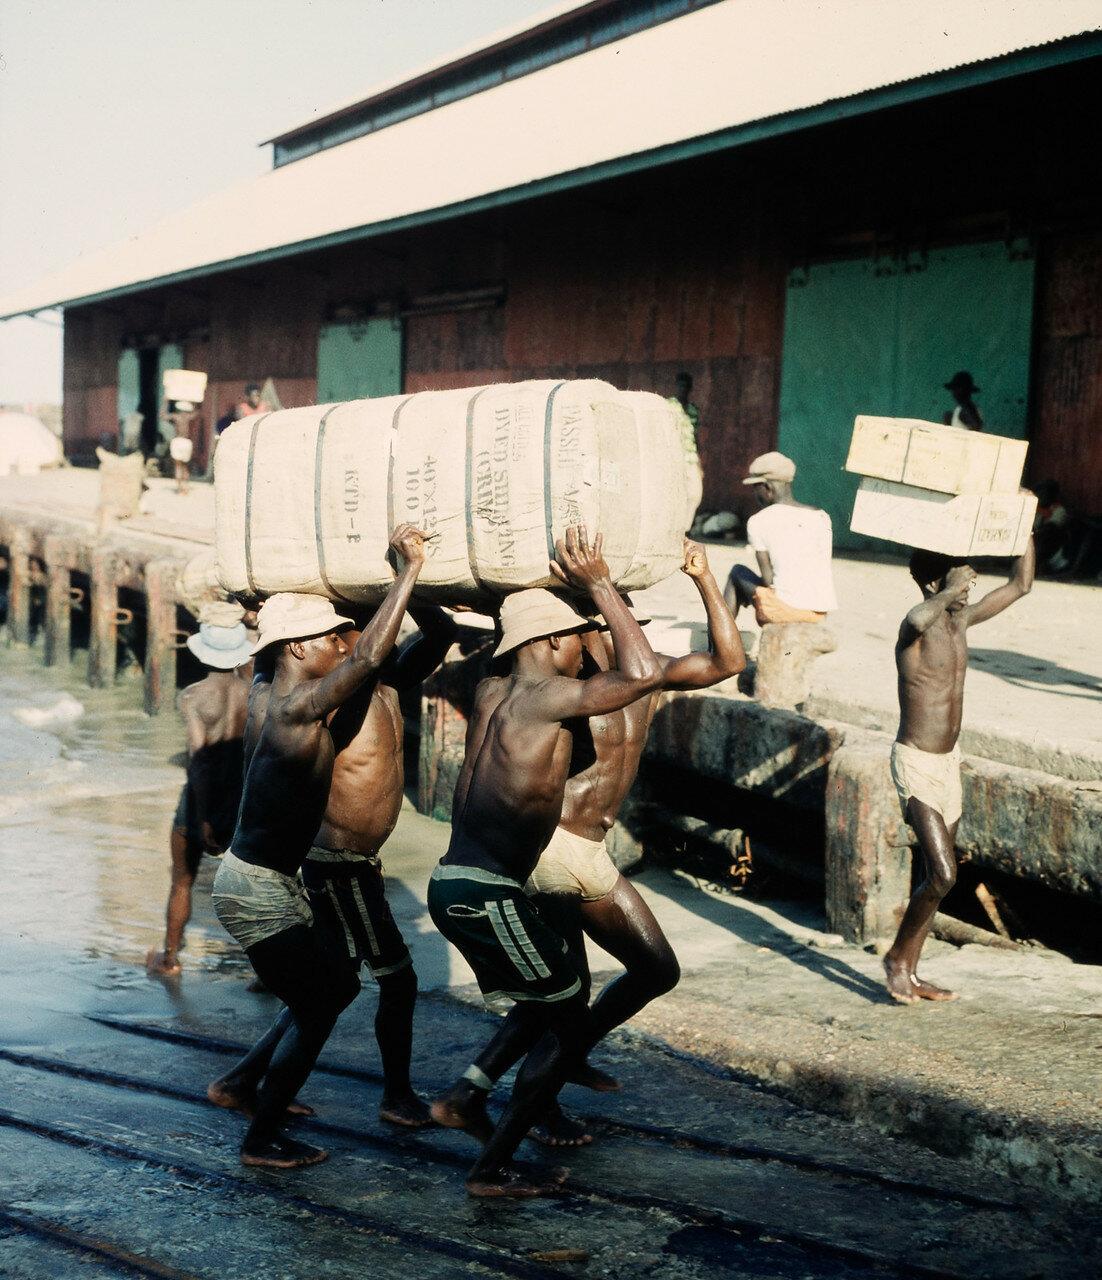 Носильщики переносят тюки с товарами из прибойных шлюпок на склад